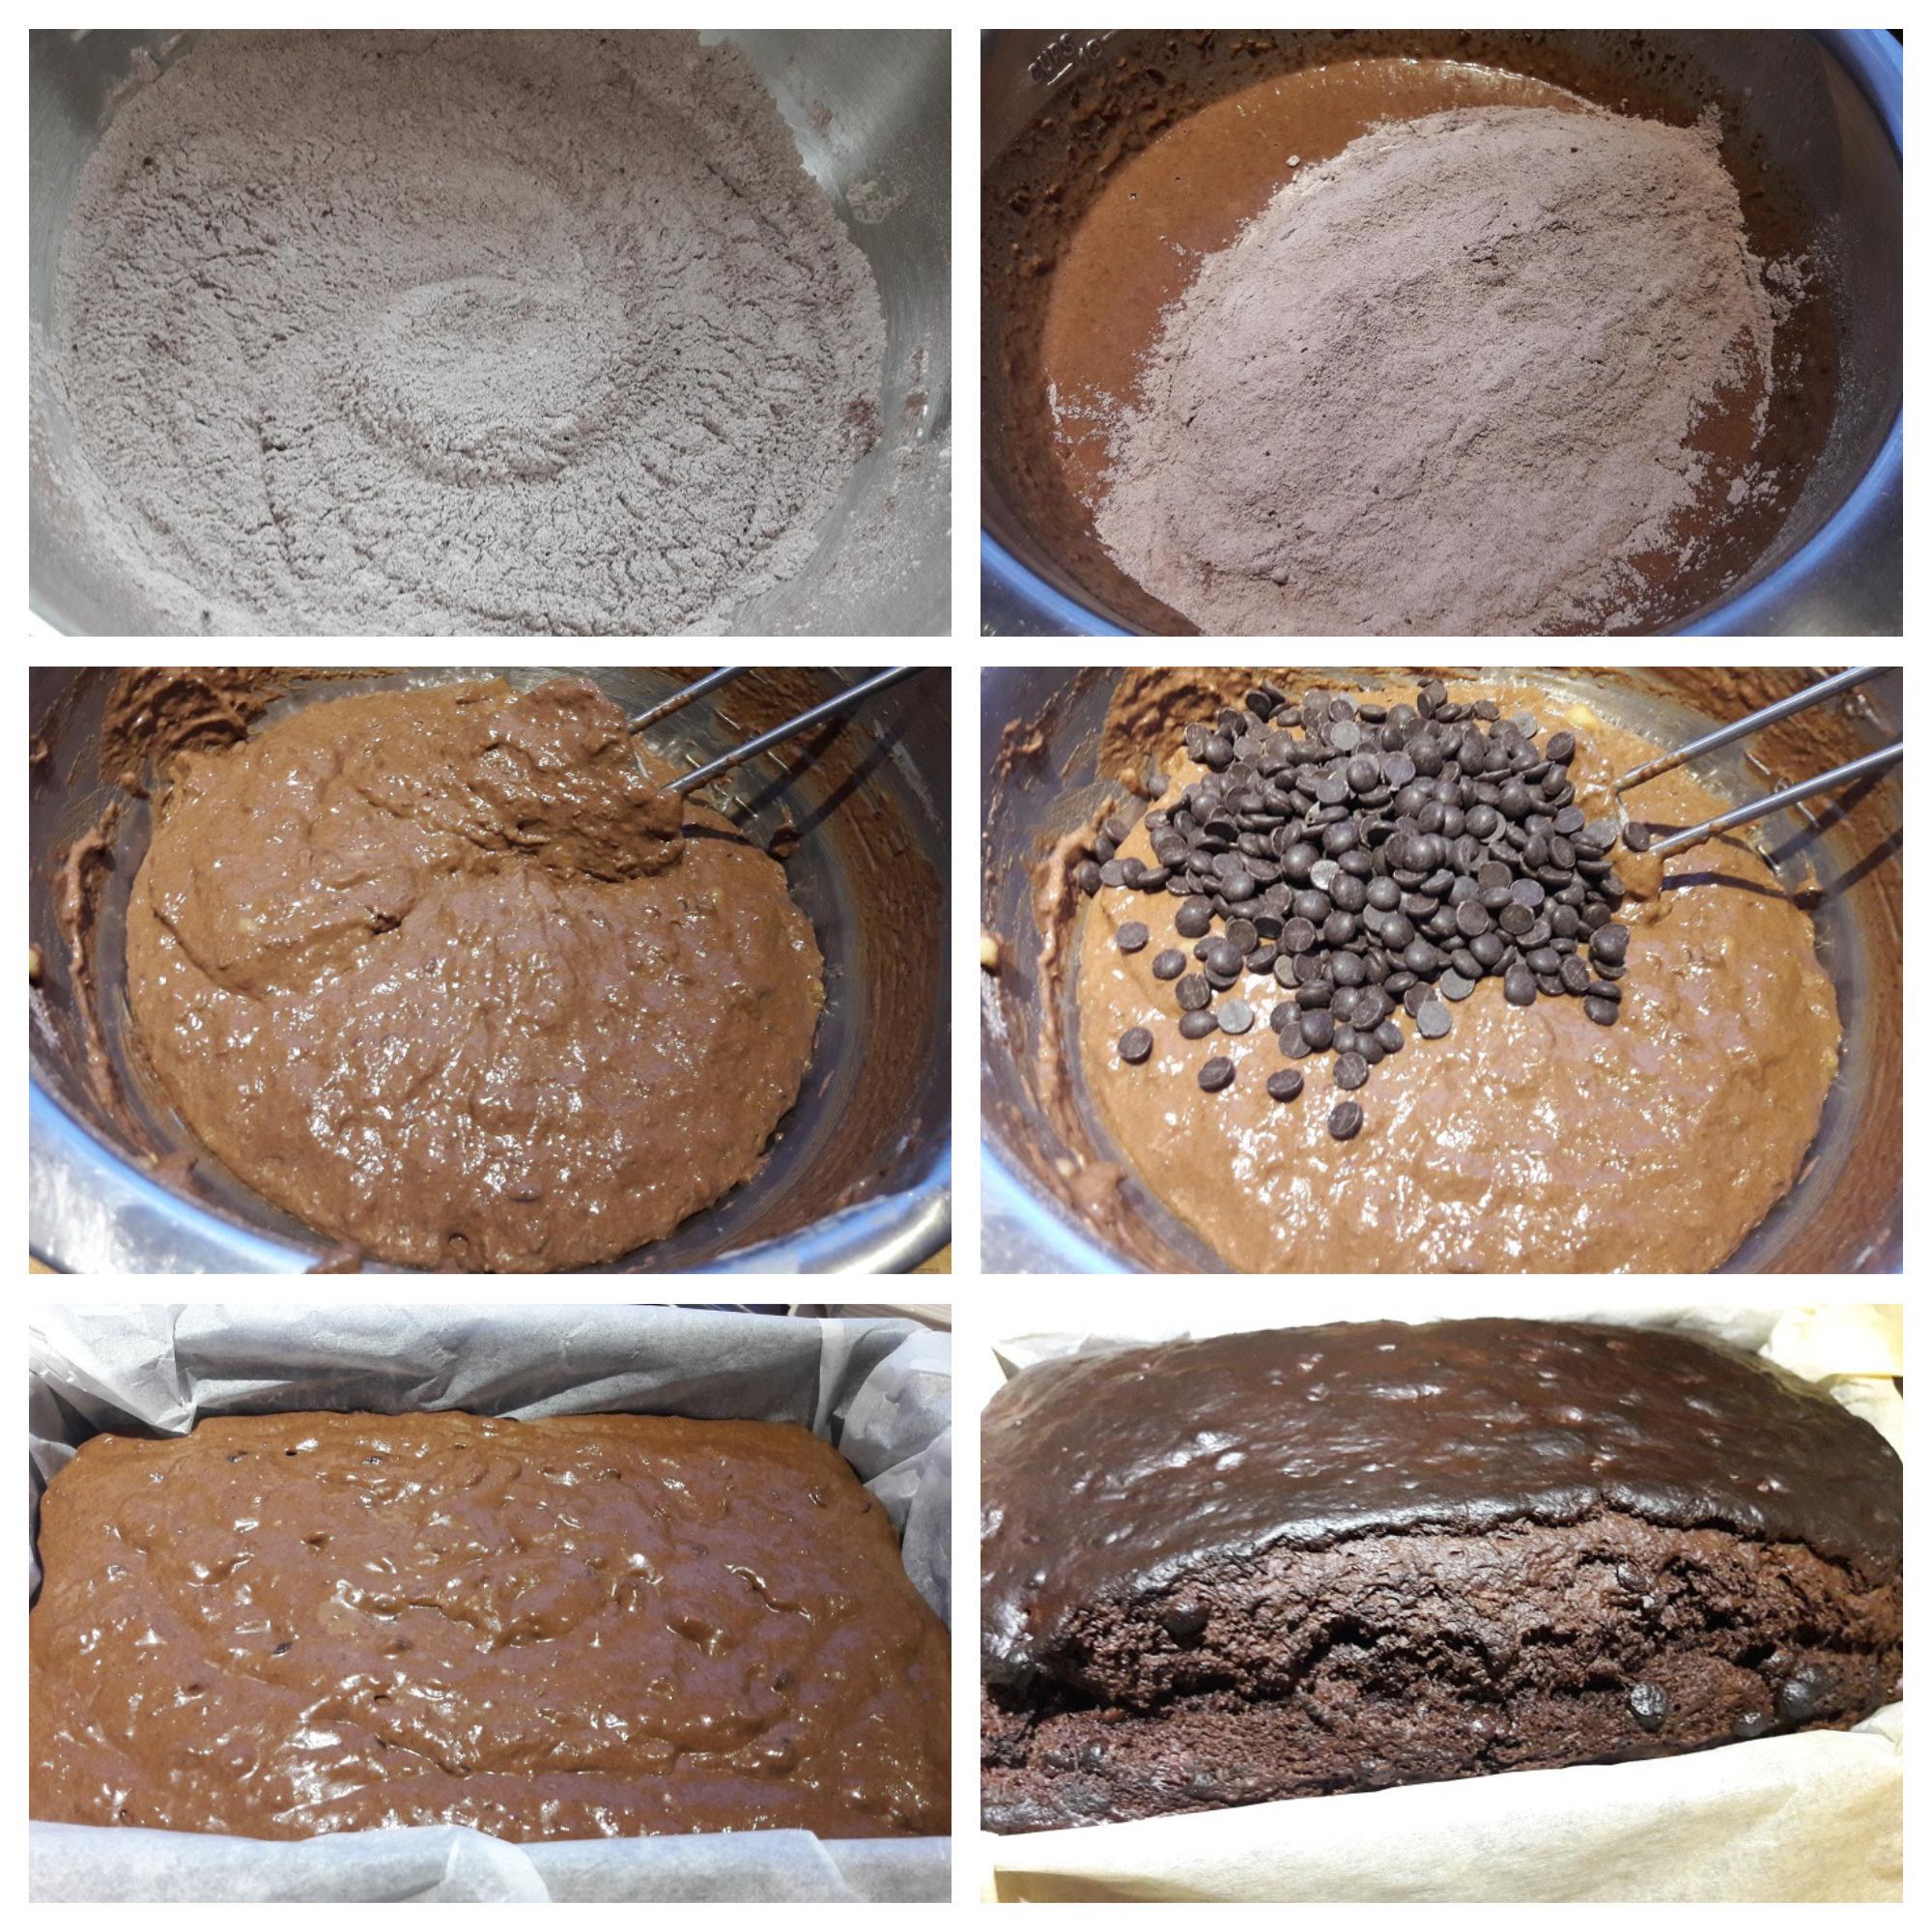 Beslag van het Triple Chocolate Bananenbrood bereiden en afbakken